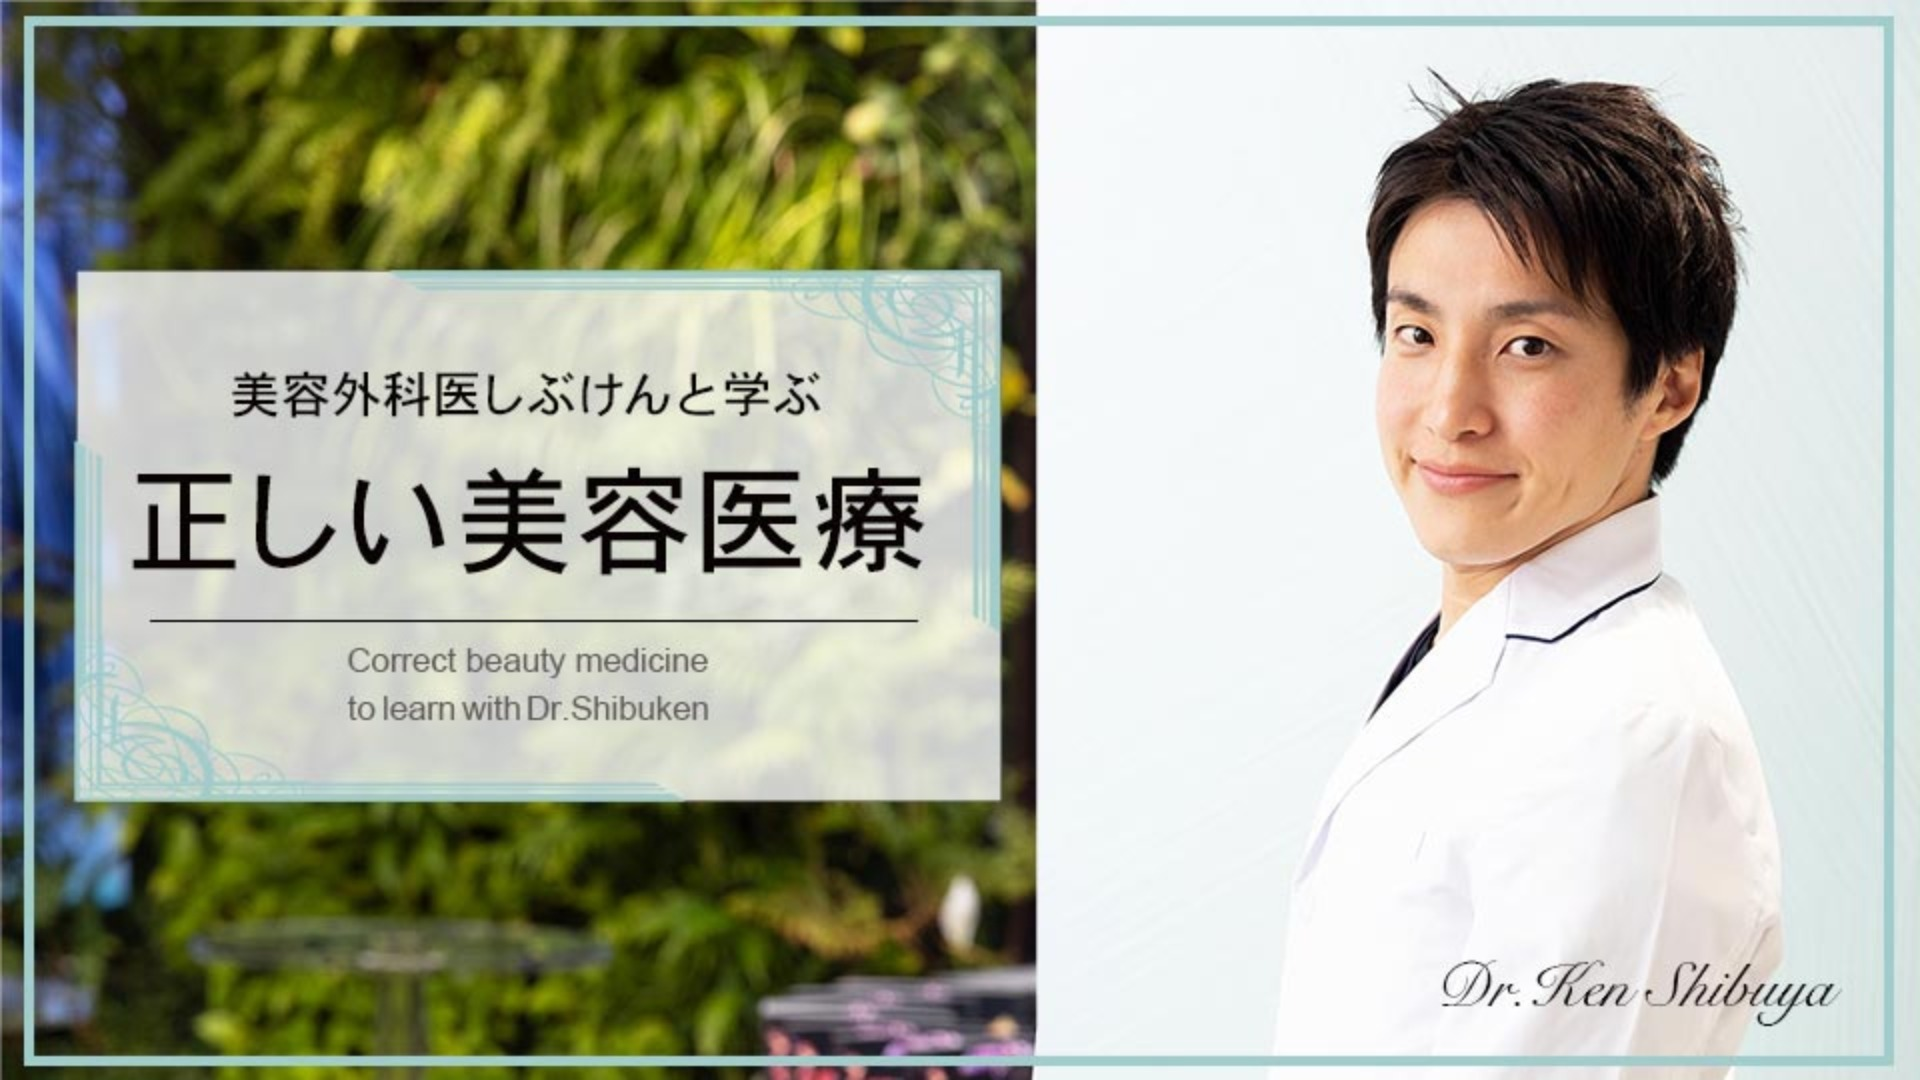 美容外科医 / 渋谷健 - 美容外科医しぶけんと学ぶ正しい美容医療 - DMM オンラインサロン